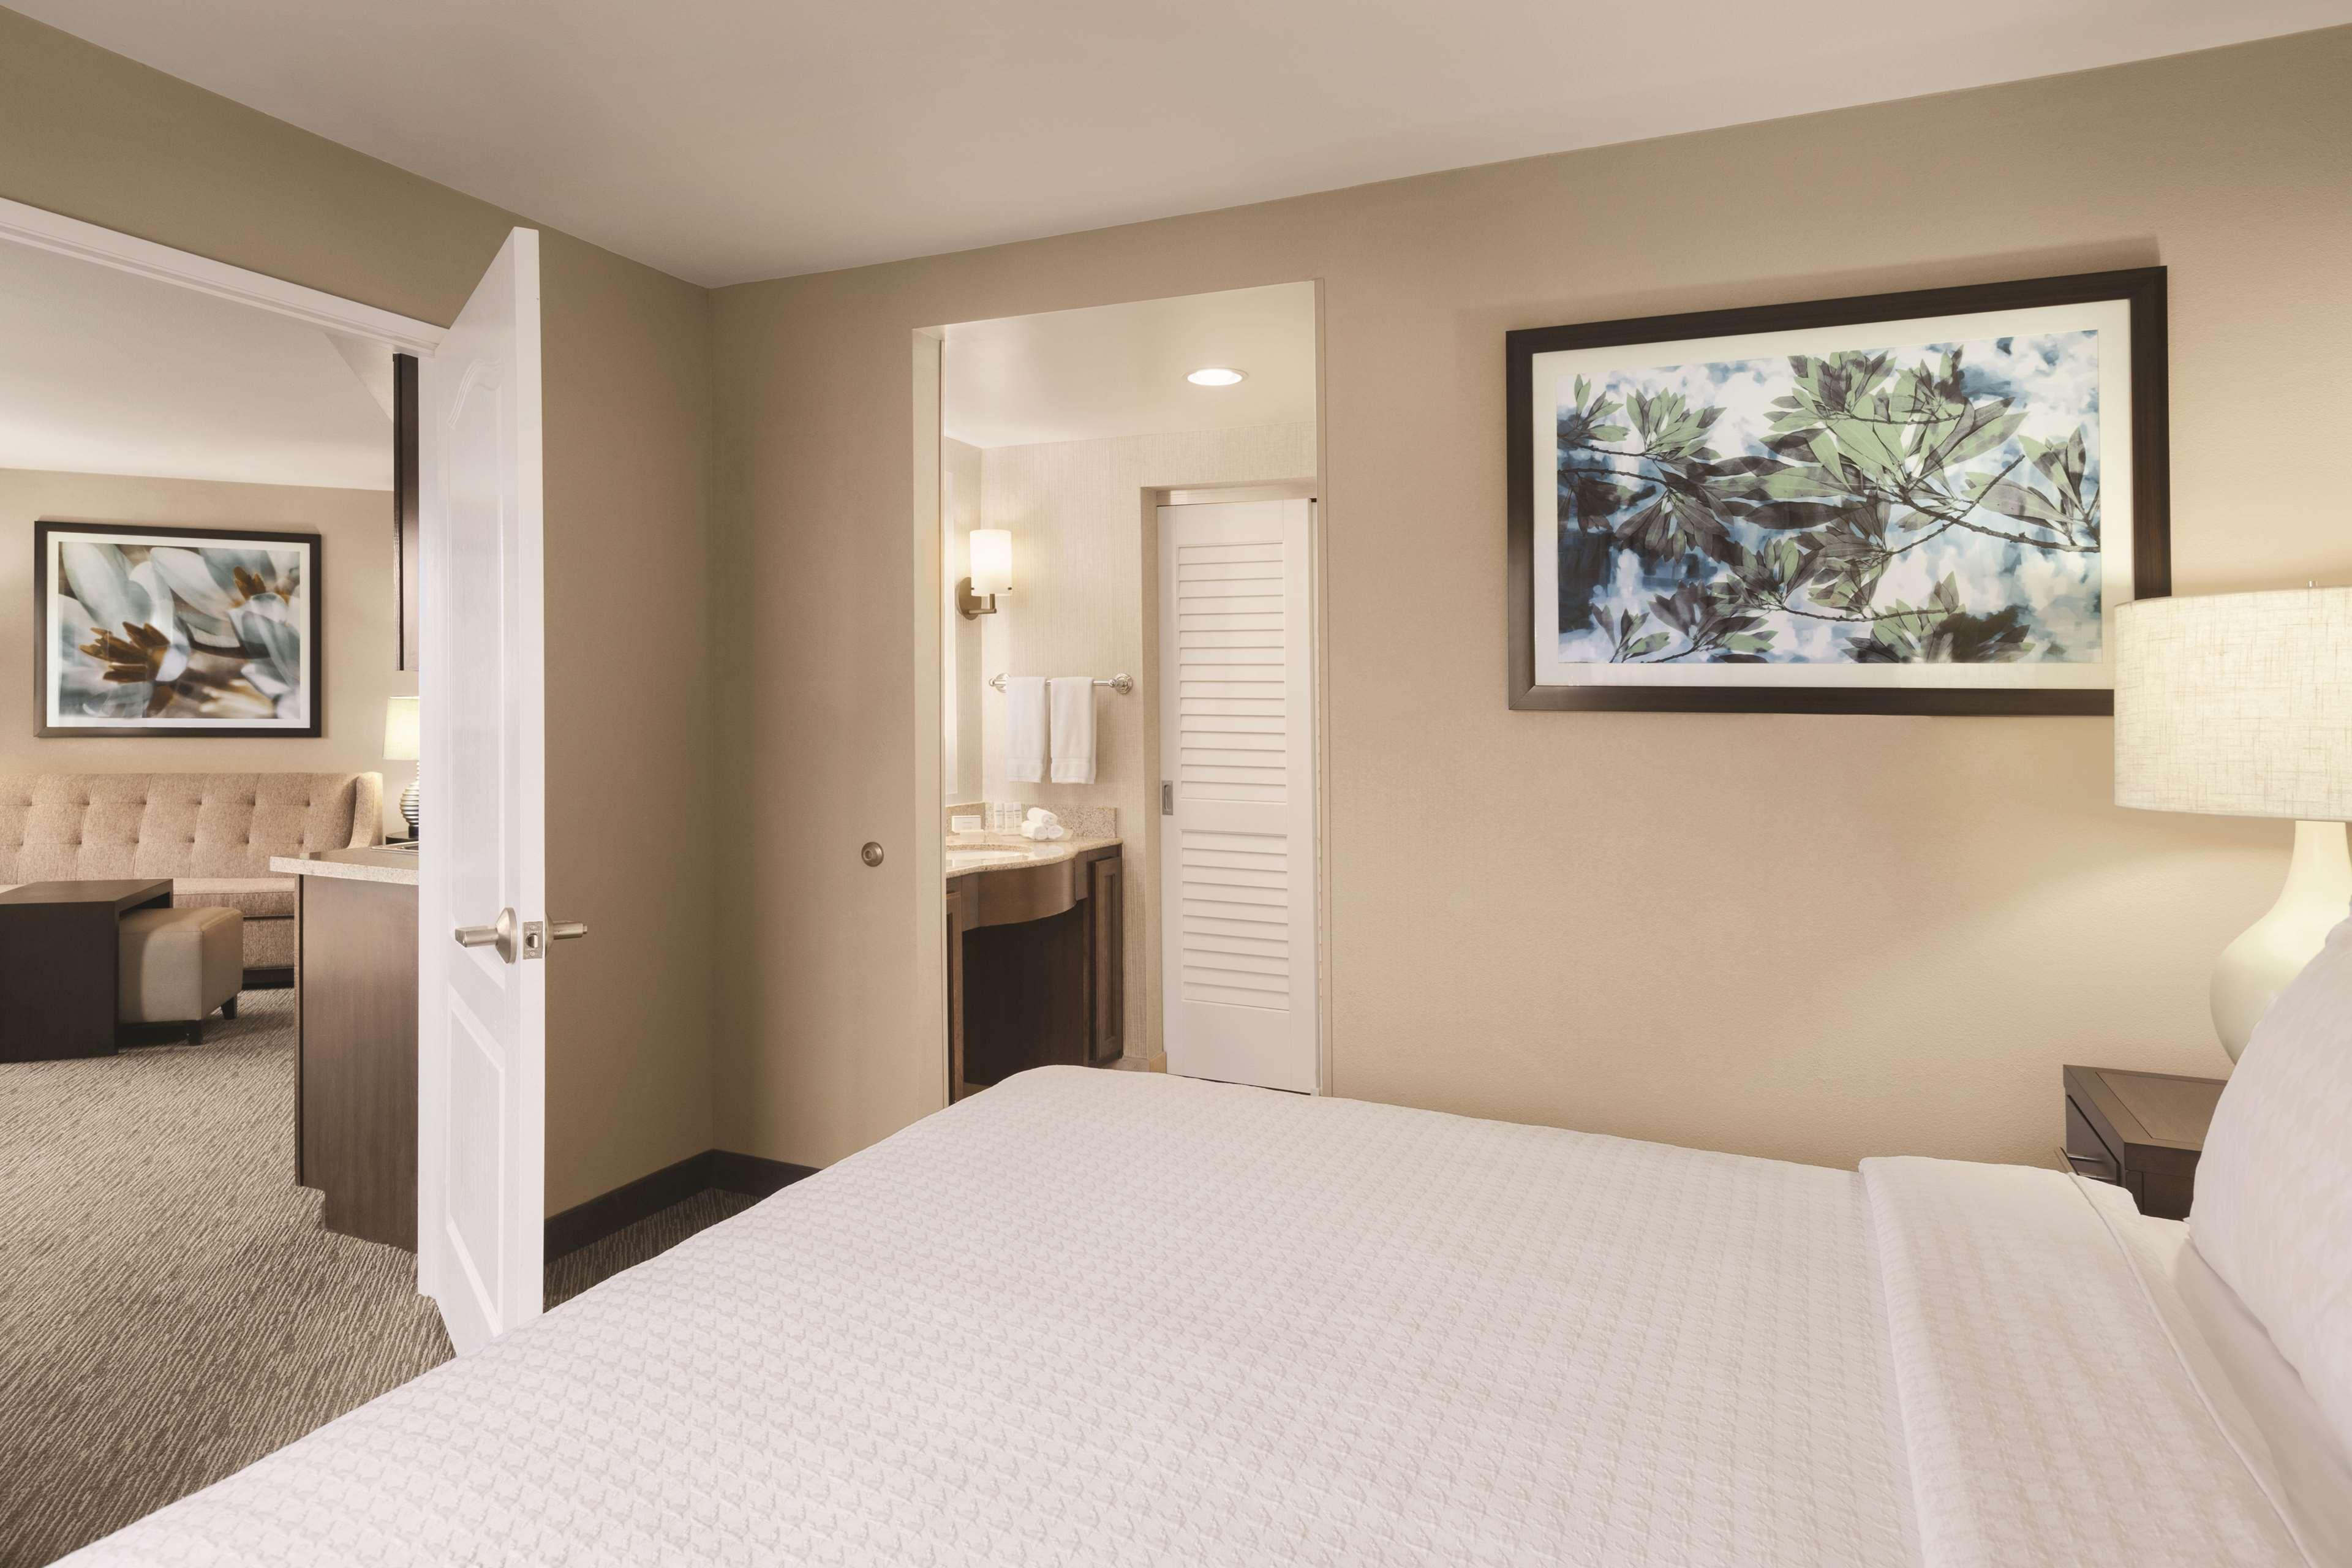 Homewood Suites by Hilton La Quinta image 17